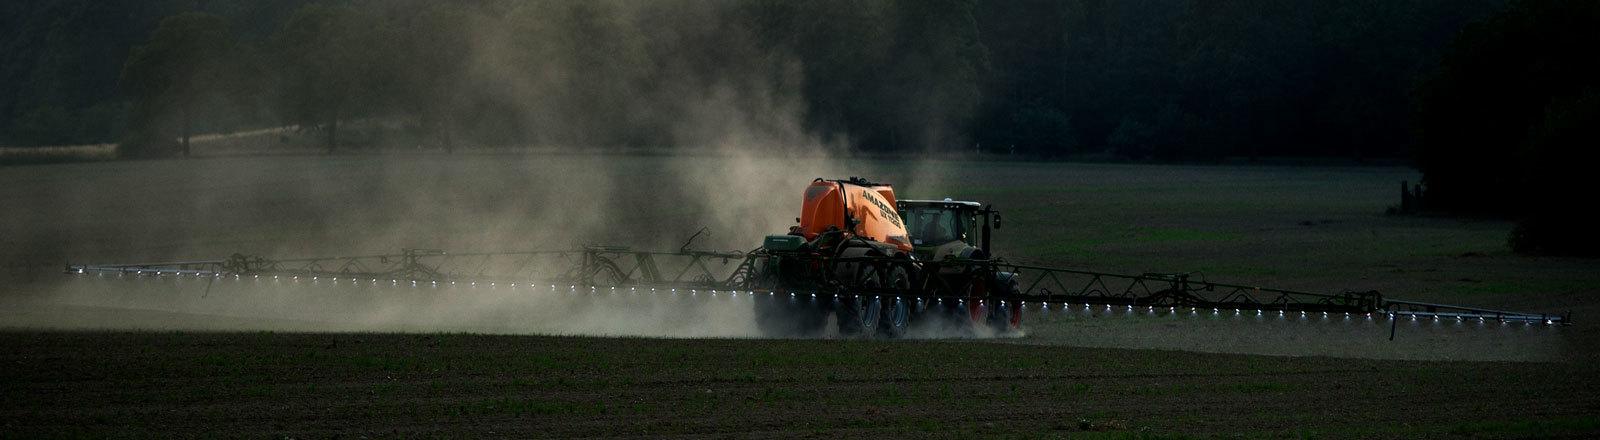 Ein Landwirt spritzt sein Feld